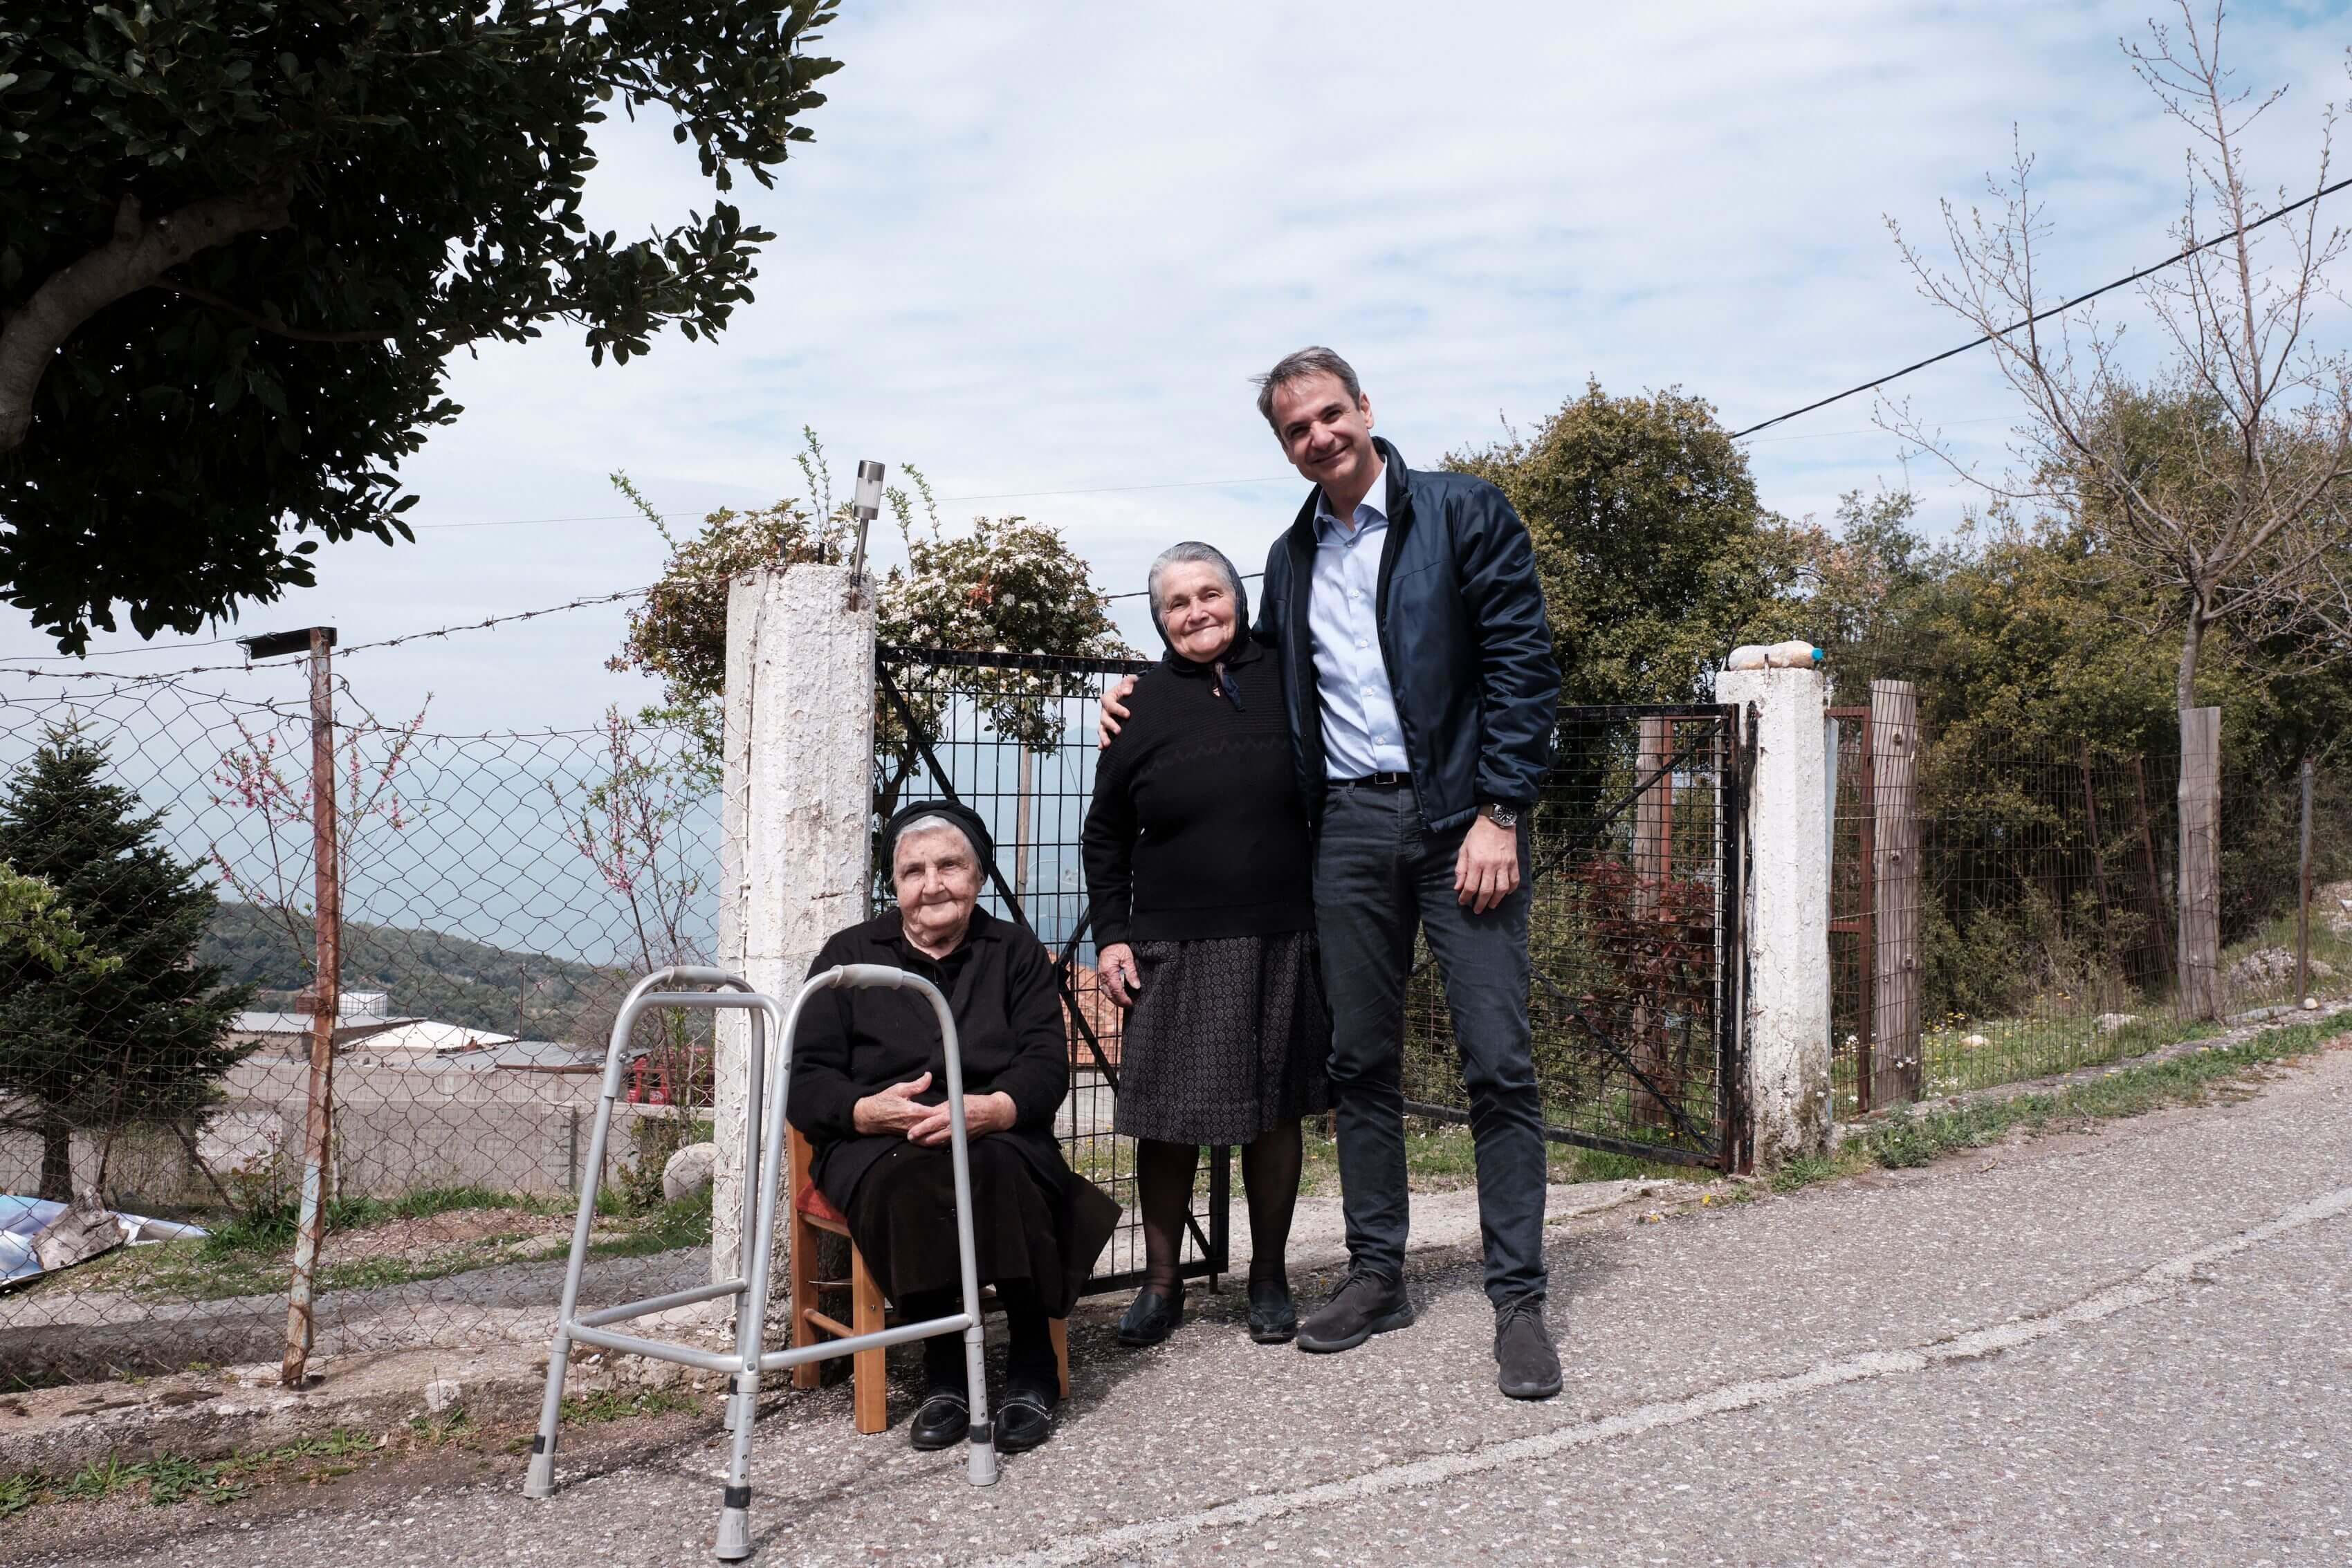 Οι γιαγιάδες που έκλεψαν τις εντυπώσεις στην περιοδεία Μητσοτάκη στην Αιτωλοακαρνανία